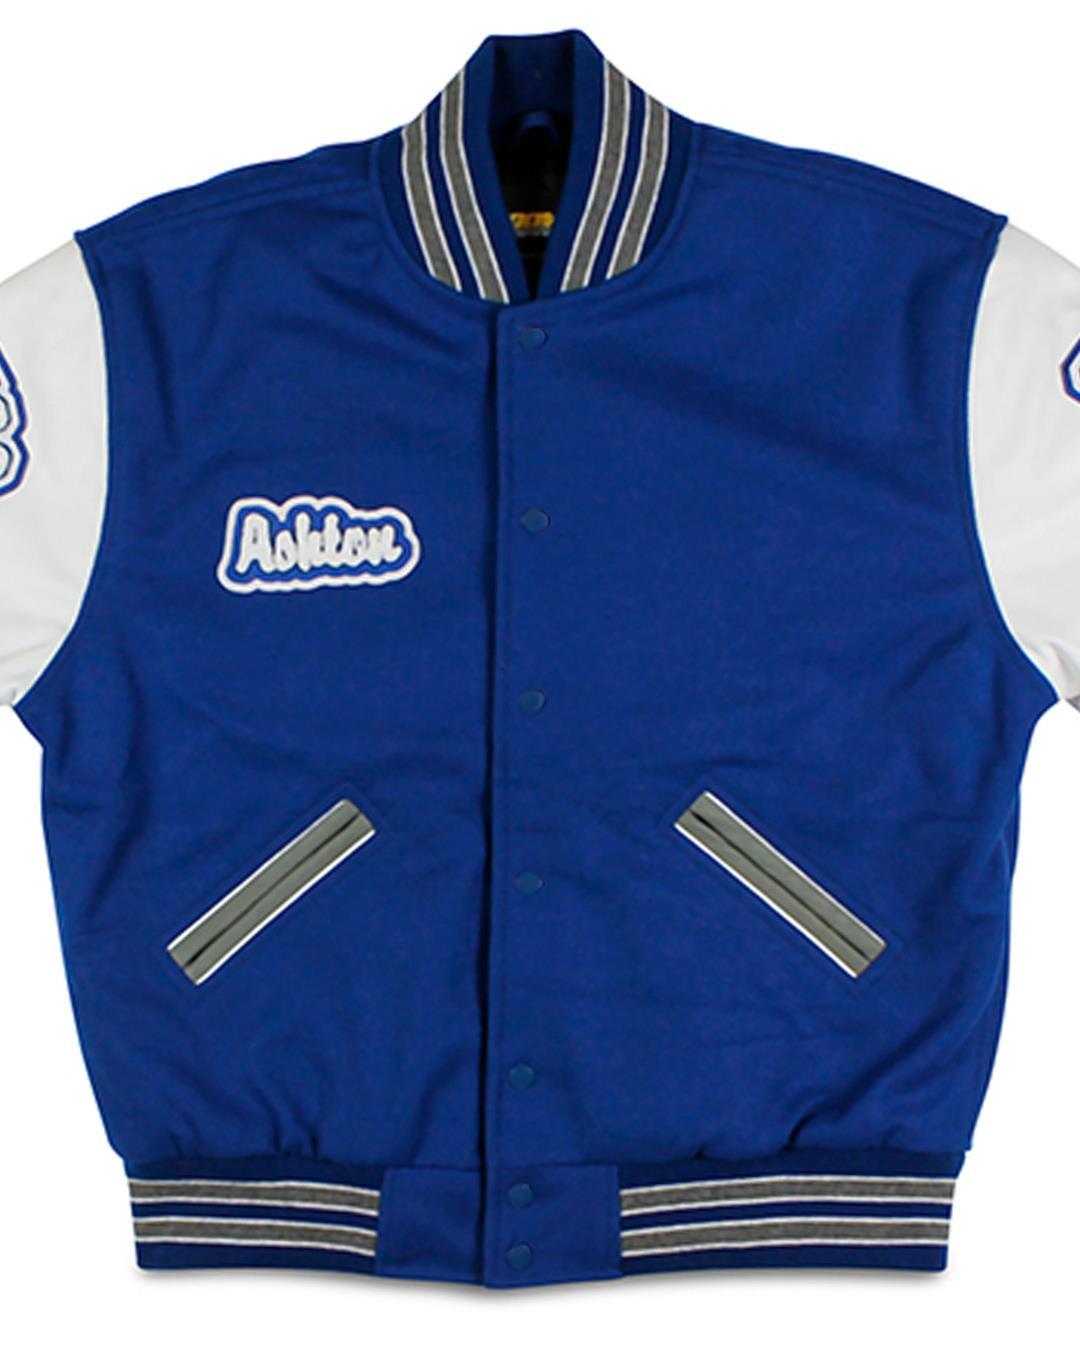 Bellevue Christian School Letterman Jacket, Bellevue WA - Front 2